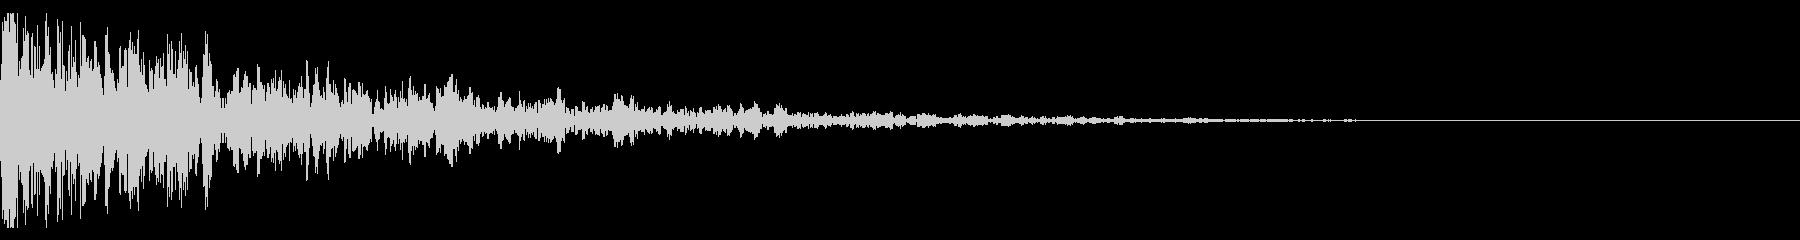 ドーン-13-1(インパクト音)の未再生の波形